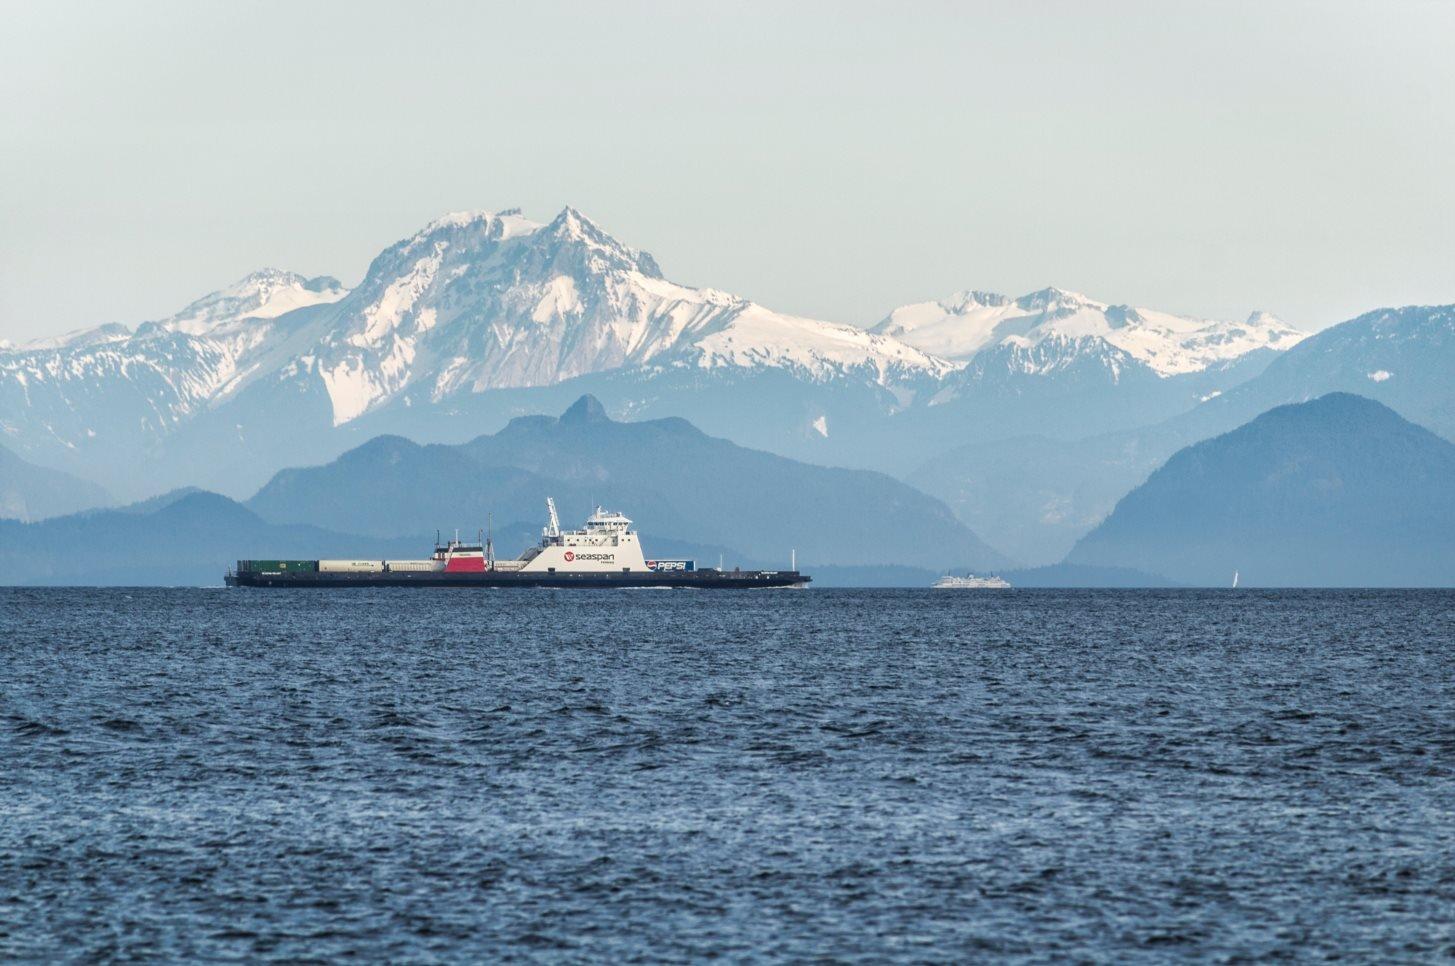 Mount Garibaldi, Canada